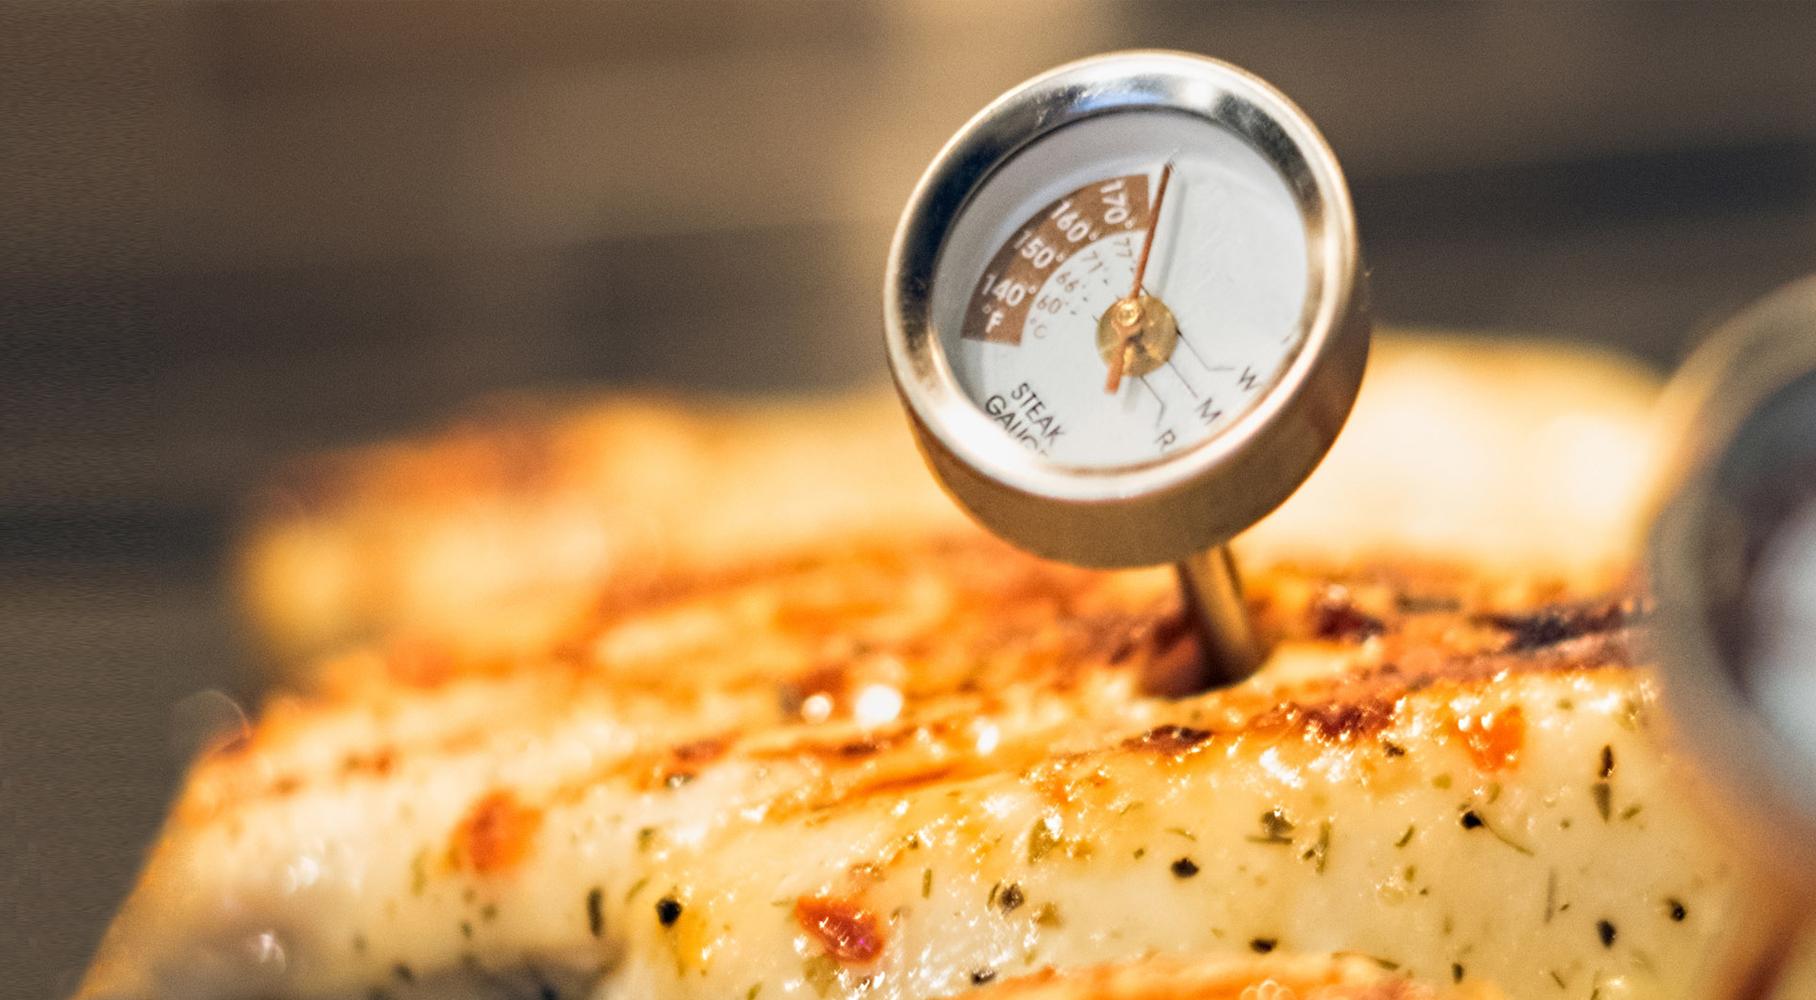 Come usare il termometro da cucina